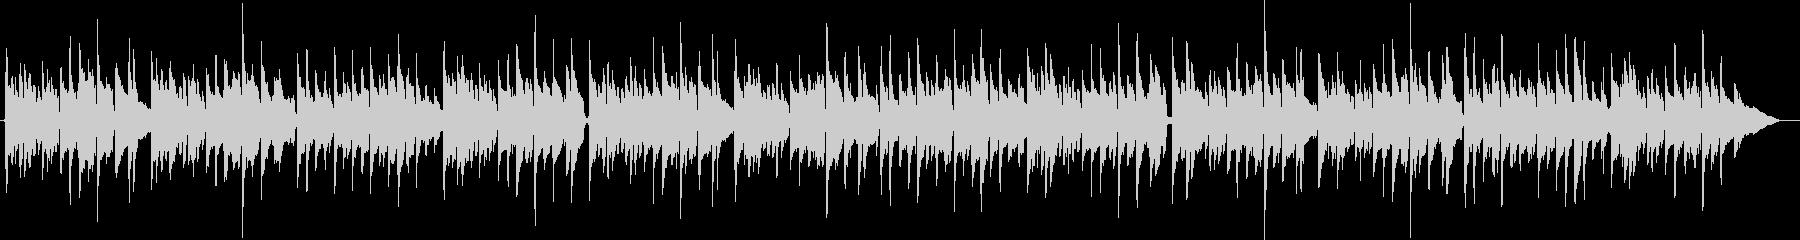 ベートーヴェン第9 アコギ独奏 喜びの歌の未再生の波形